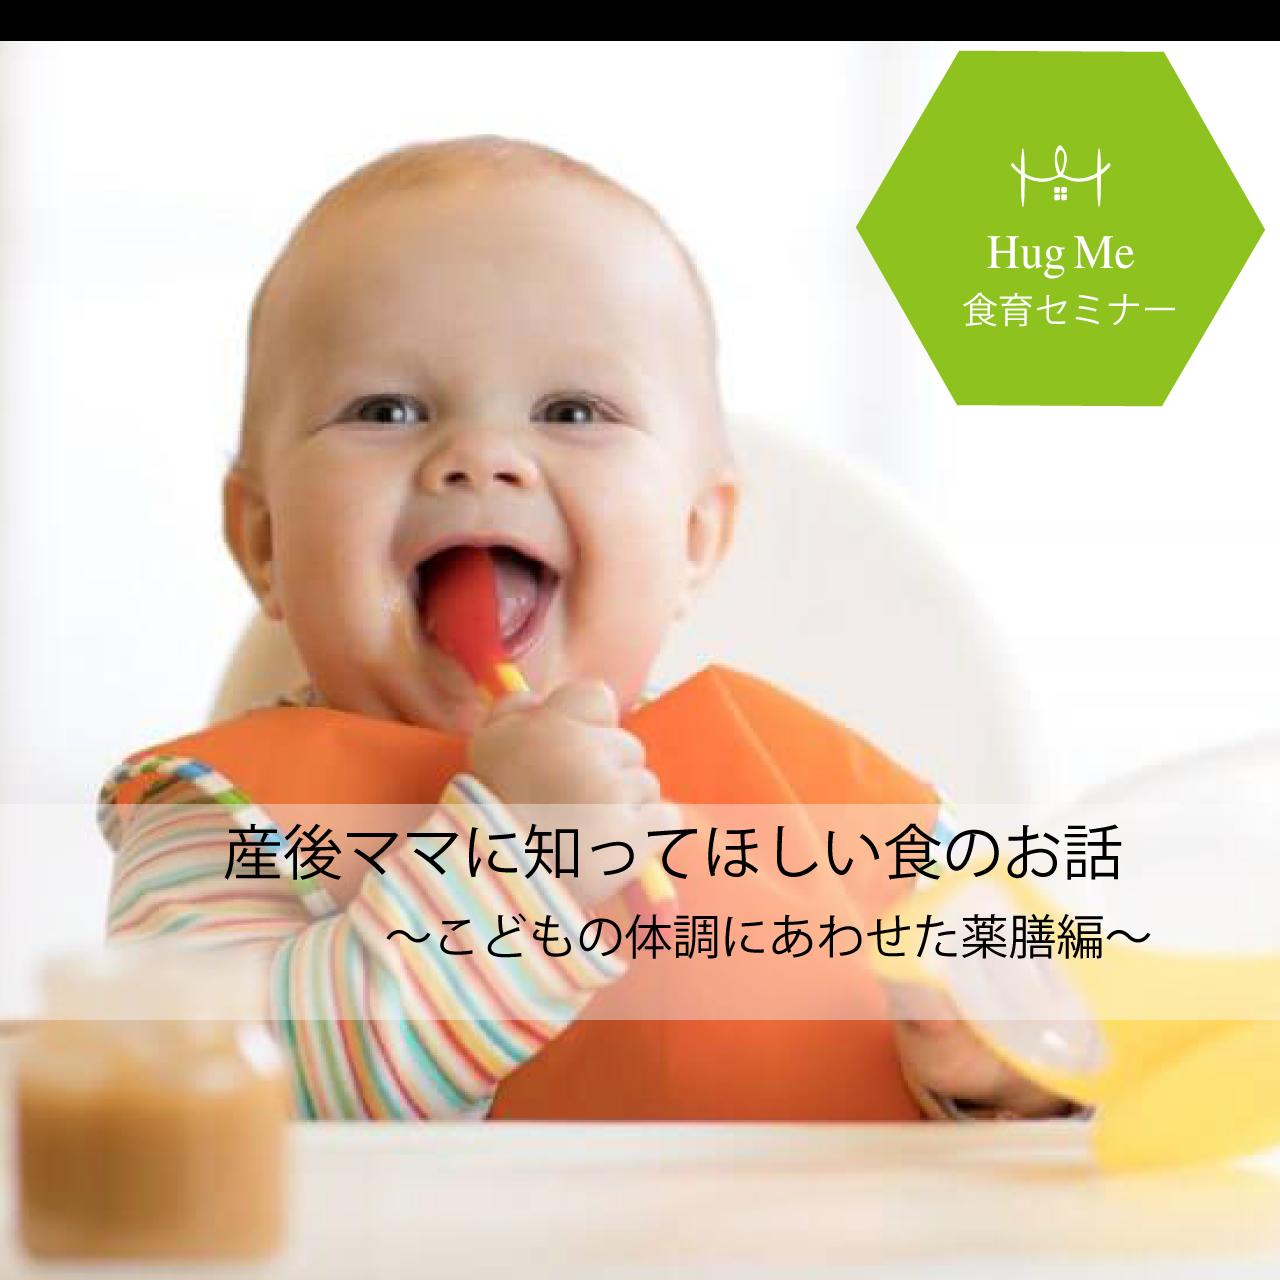 産後ママに知ってほしい食のお話~子供の体調にあわせた薬膳編~